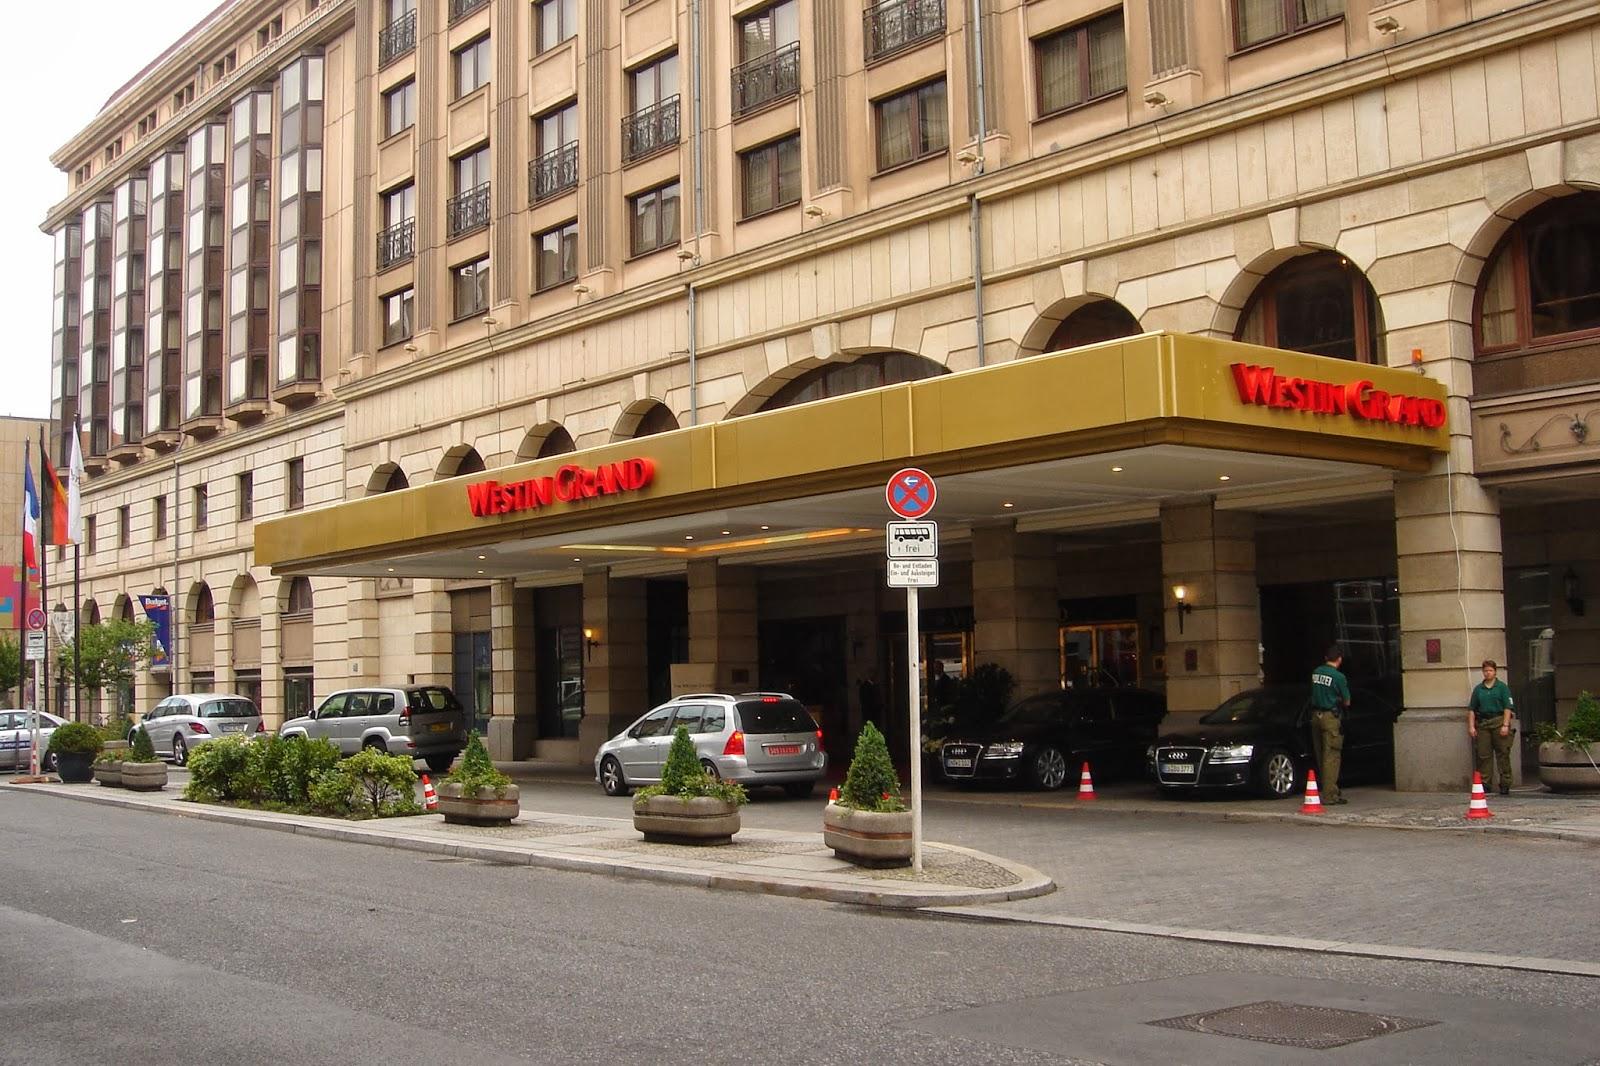 Отель в Берлине The Westin Grand 0